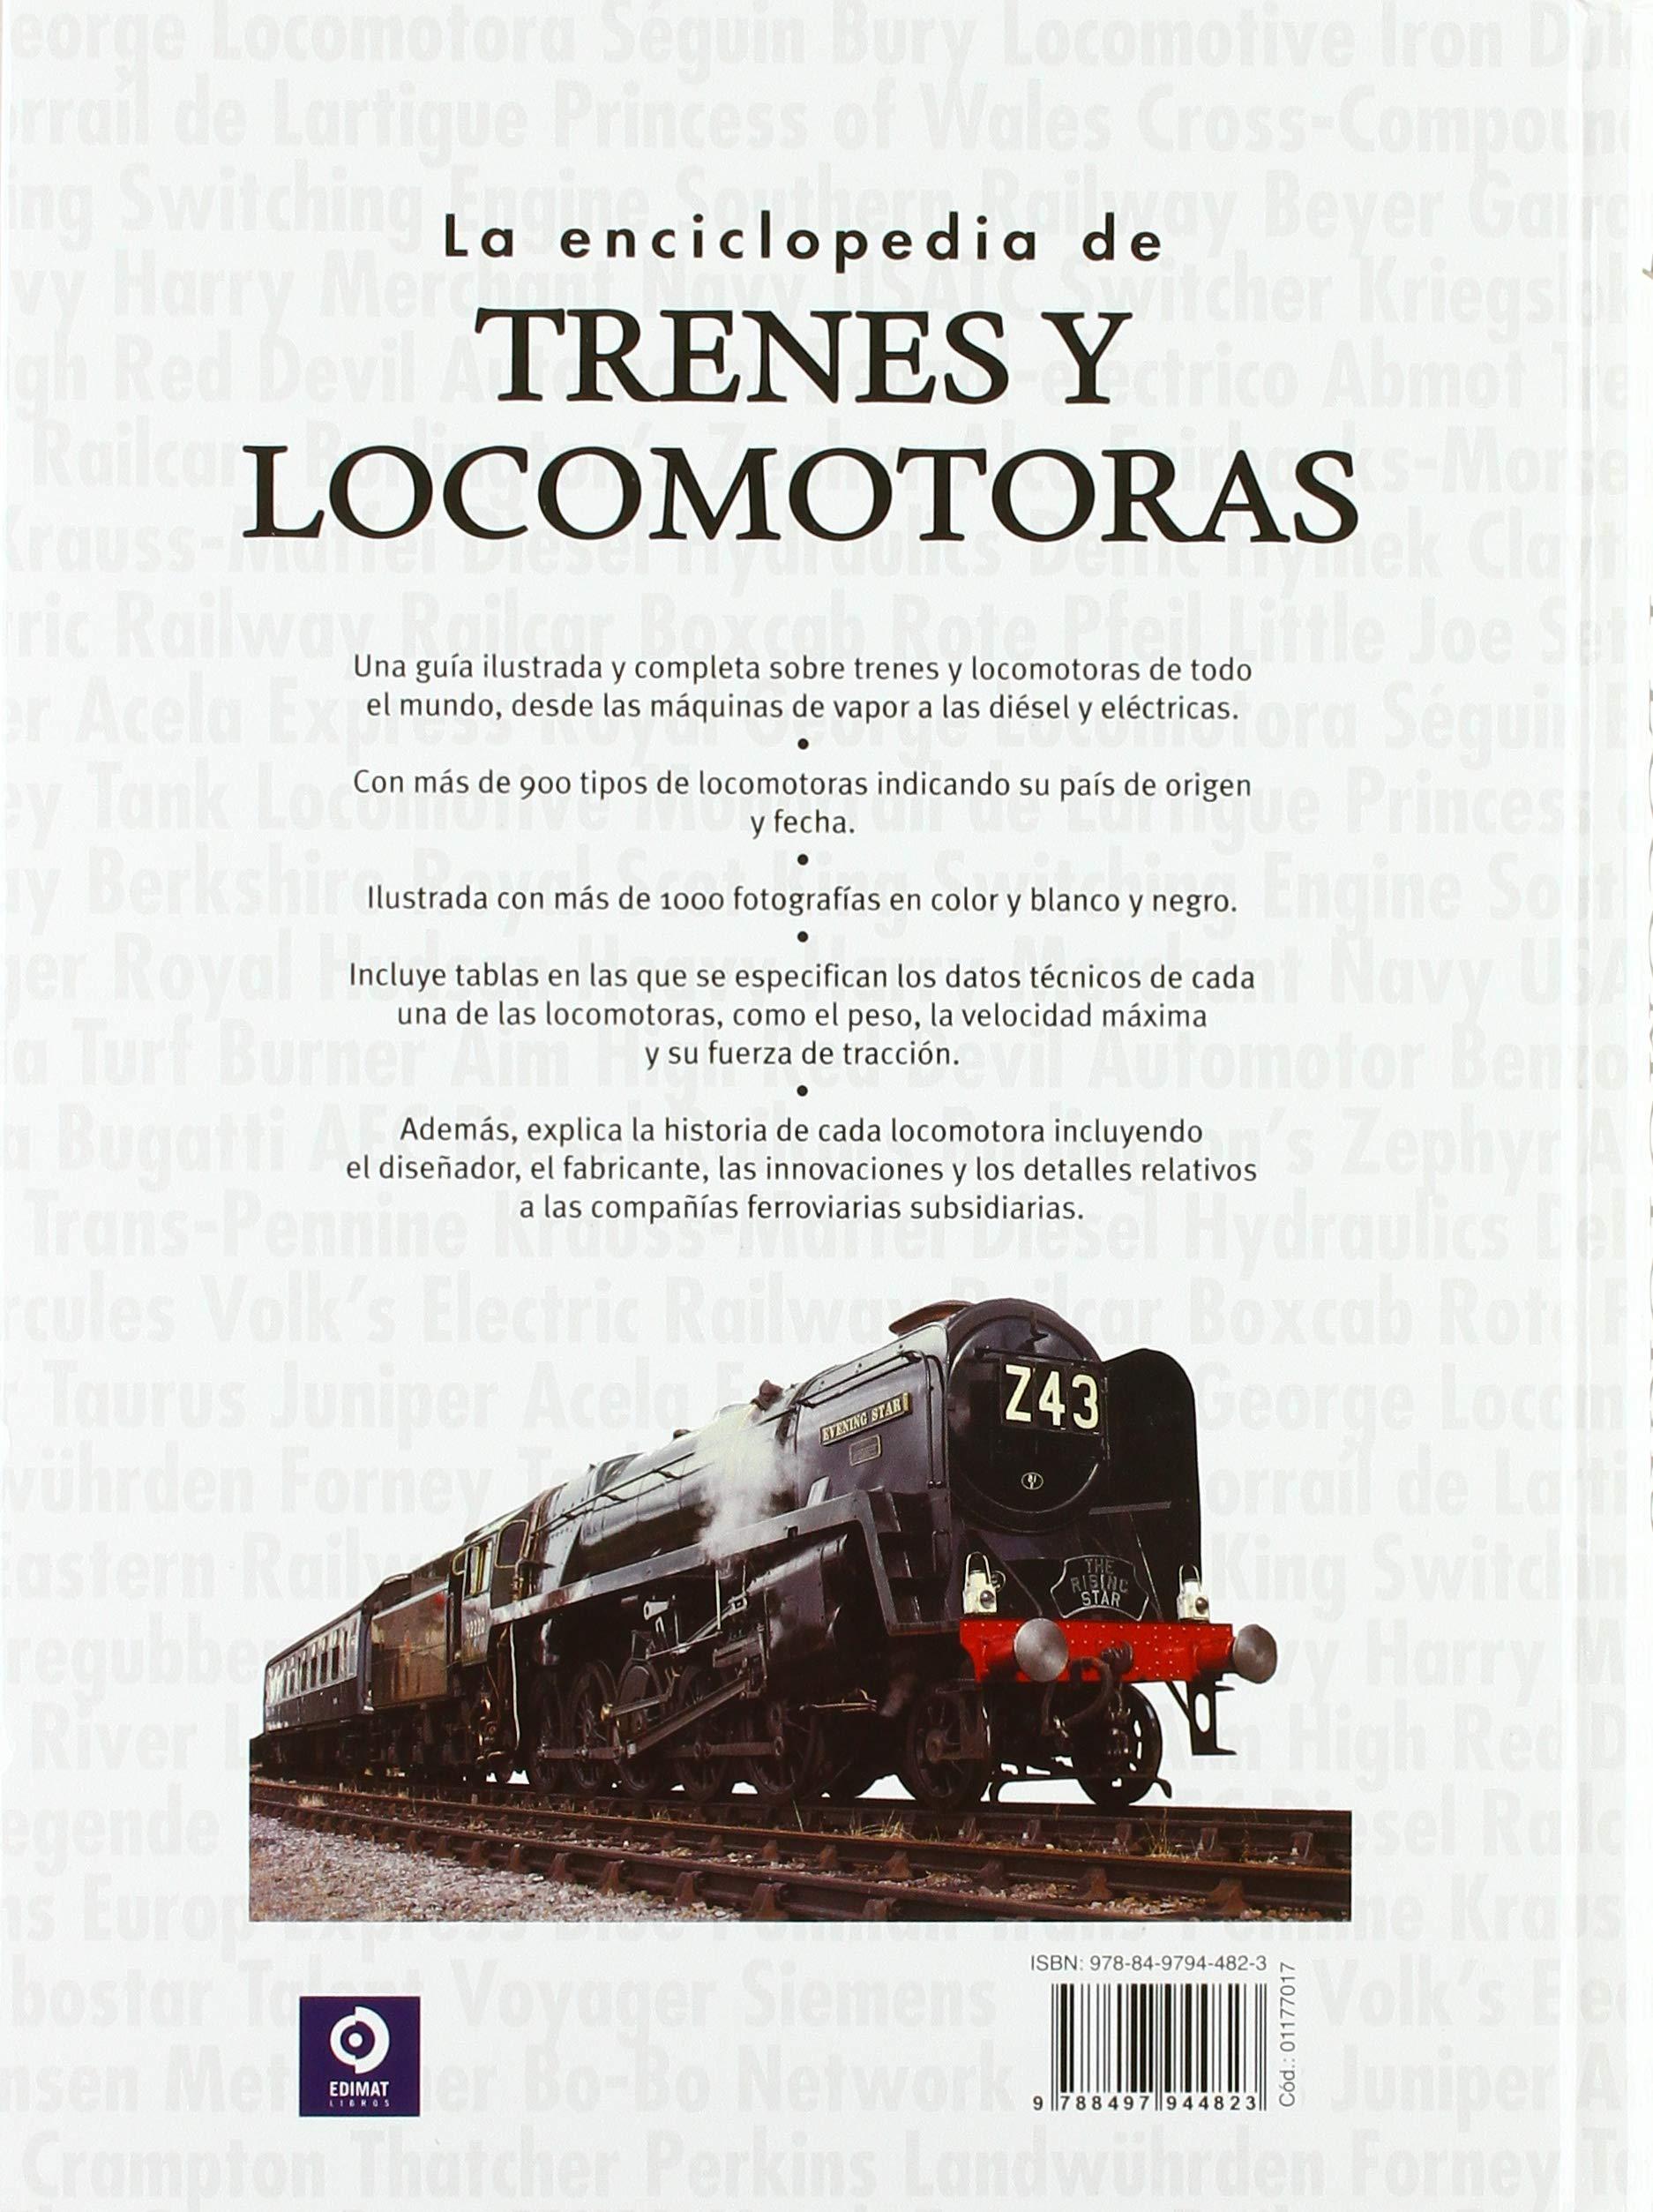 La enciclopedia de trenes y locomotoras: 003 Enciclopedia básica ...